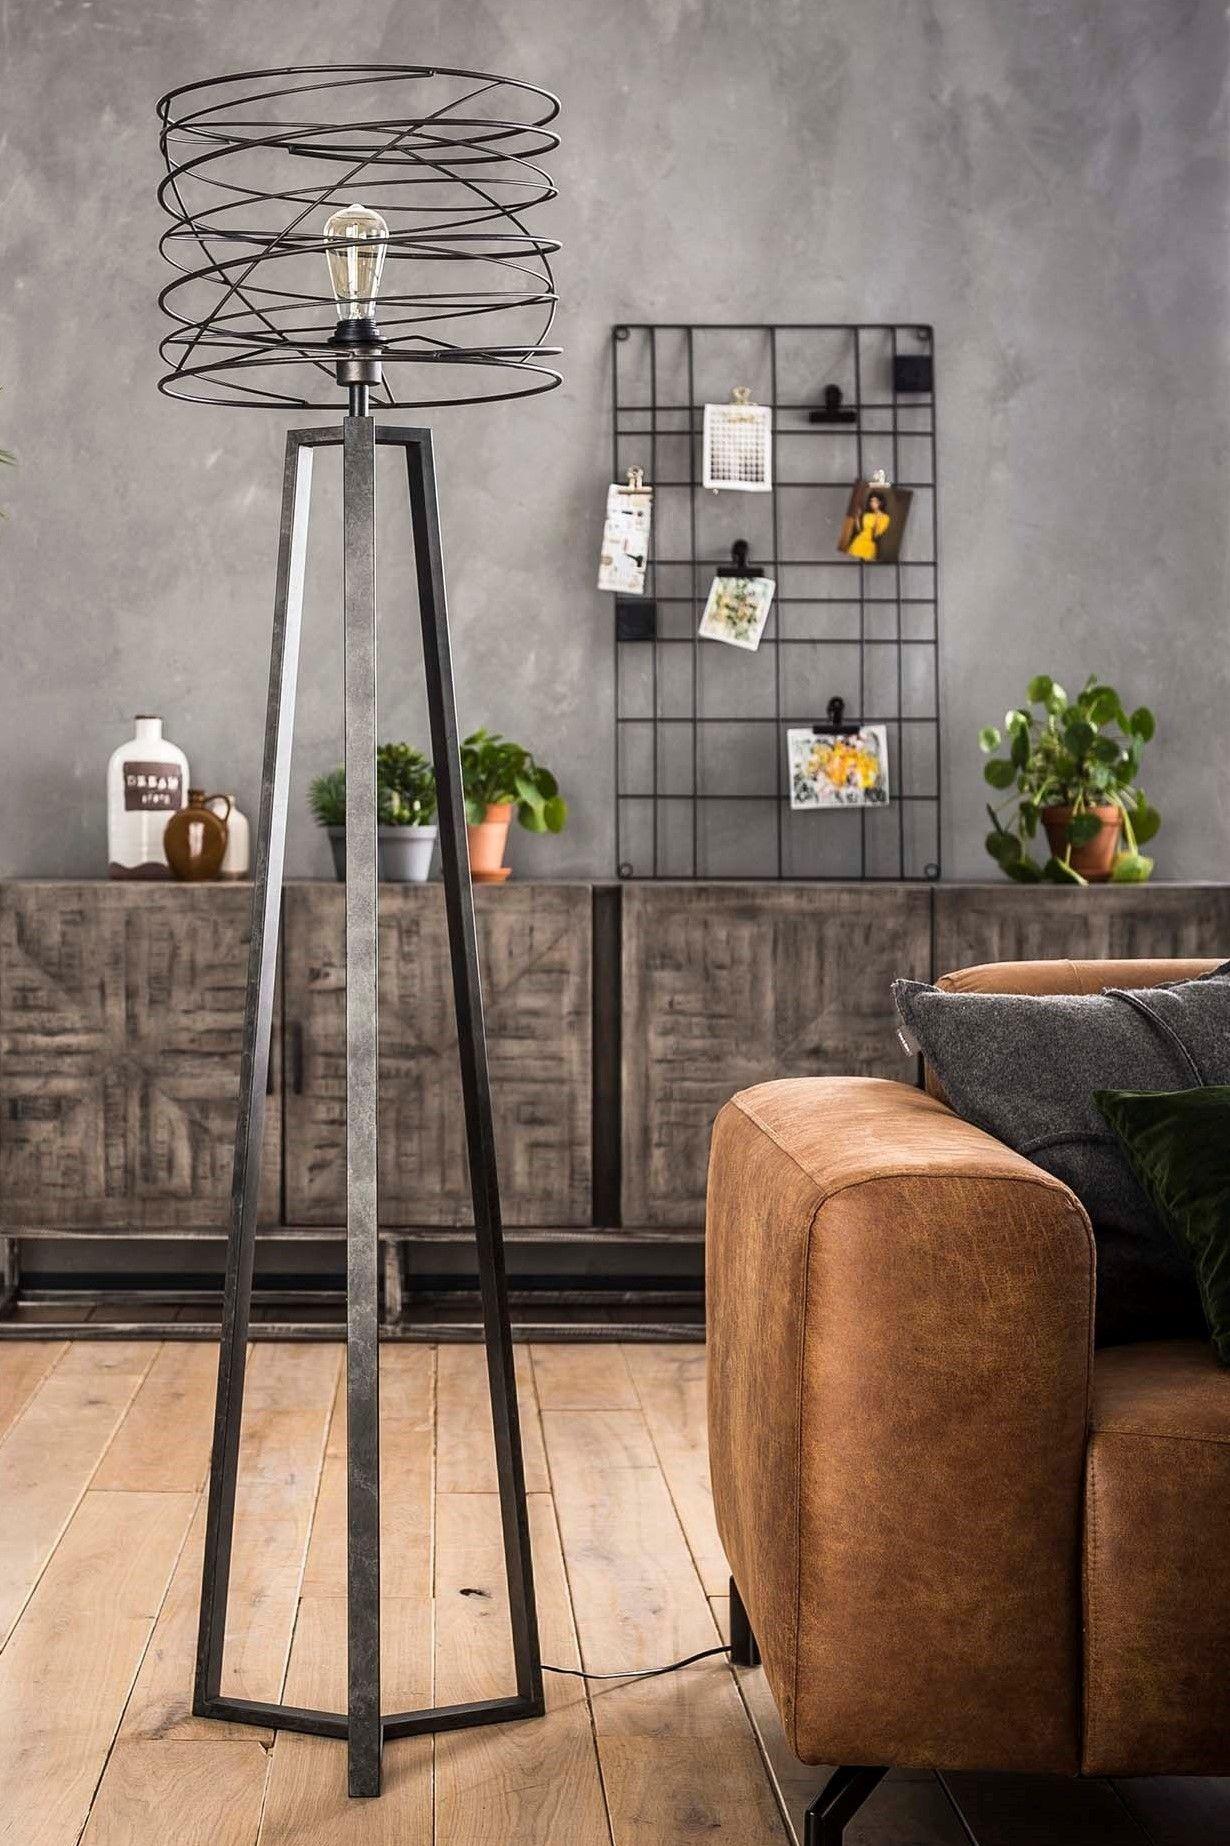 Stehlampe Curl Iluminacion De Leds Para Casa Lamparas De Piso Muebles Estilo Industrial